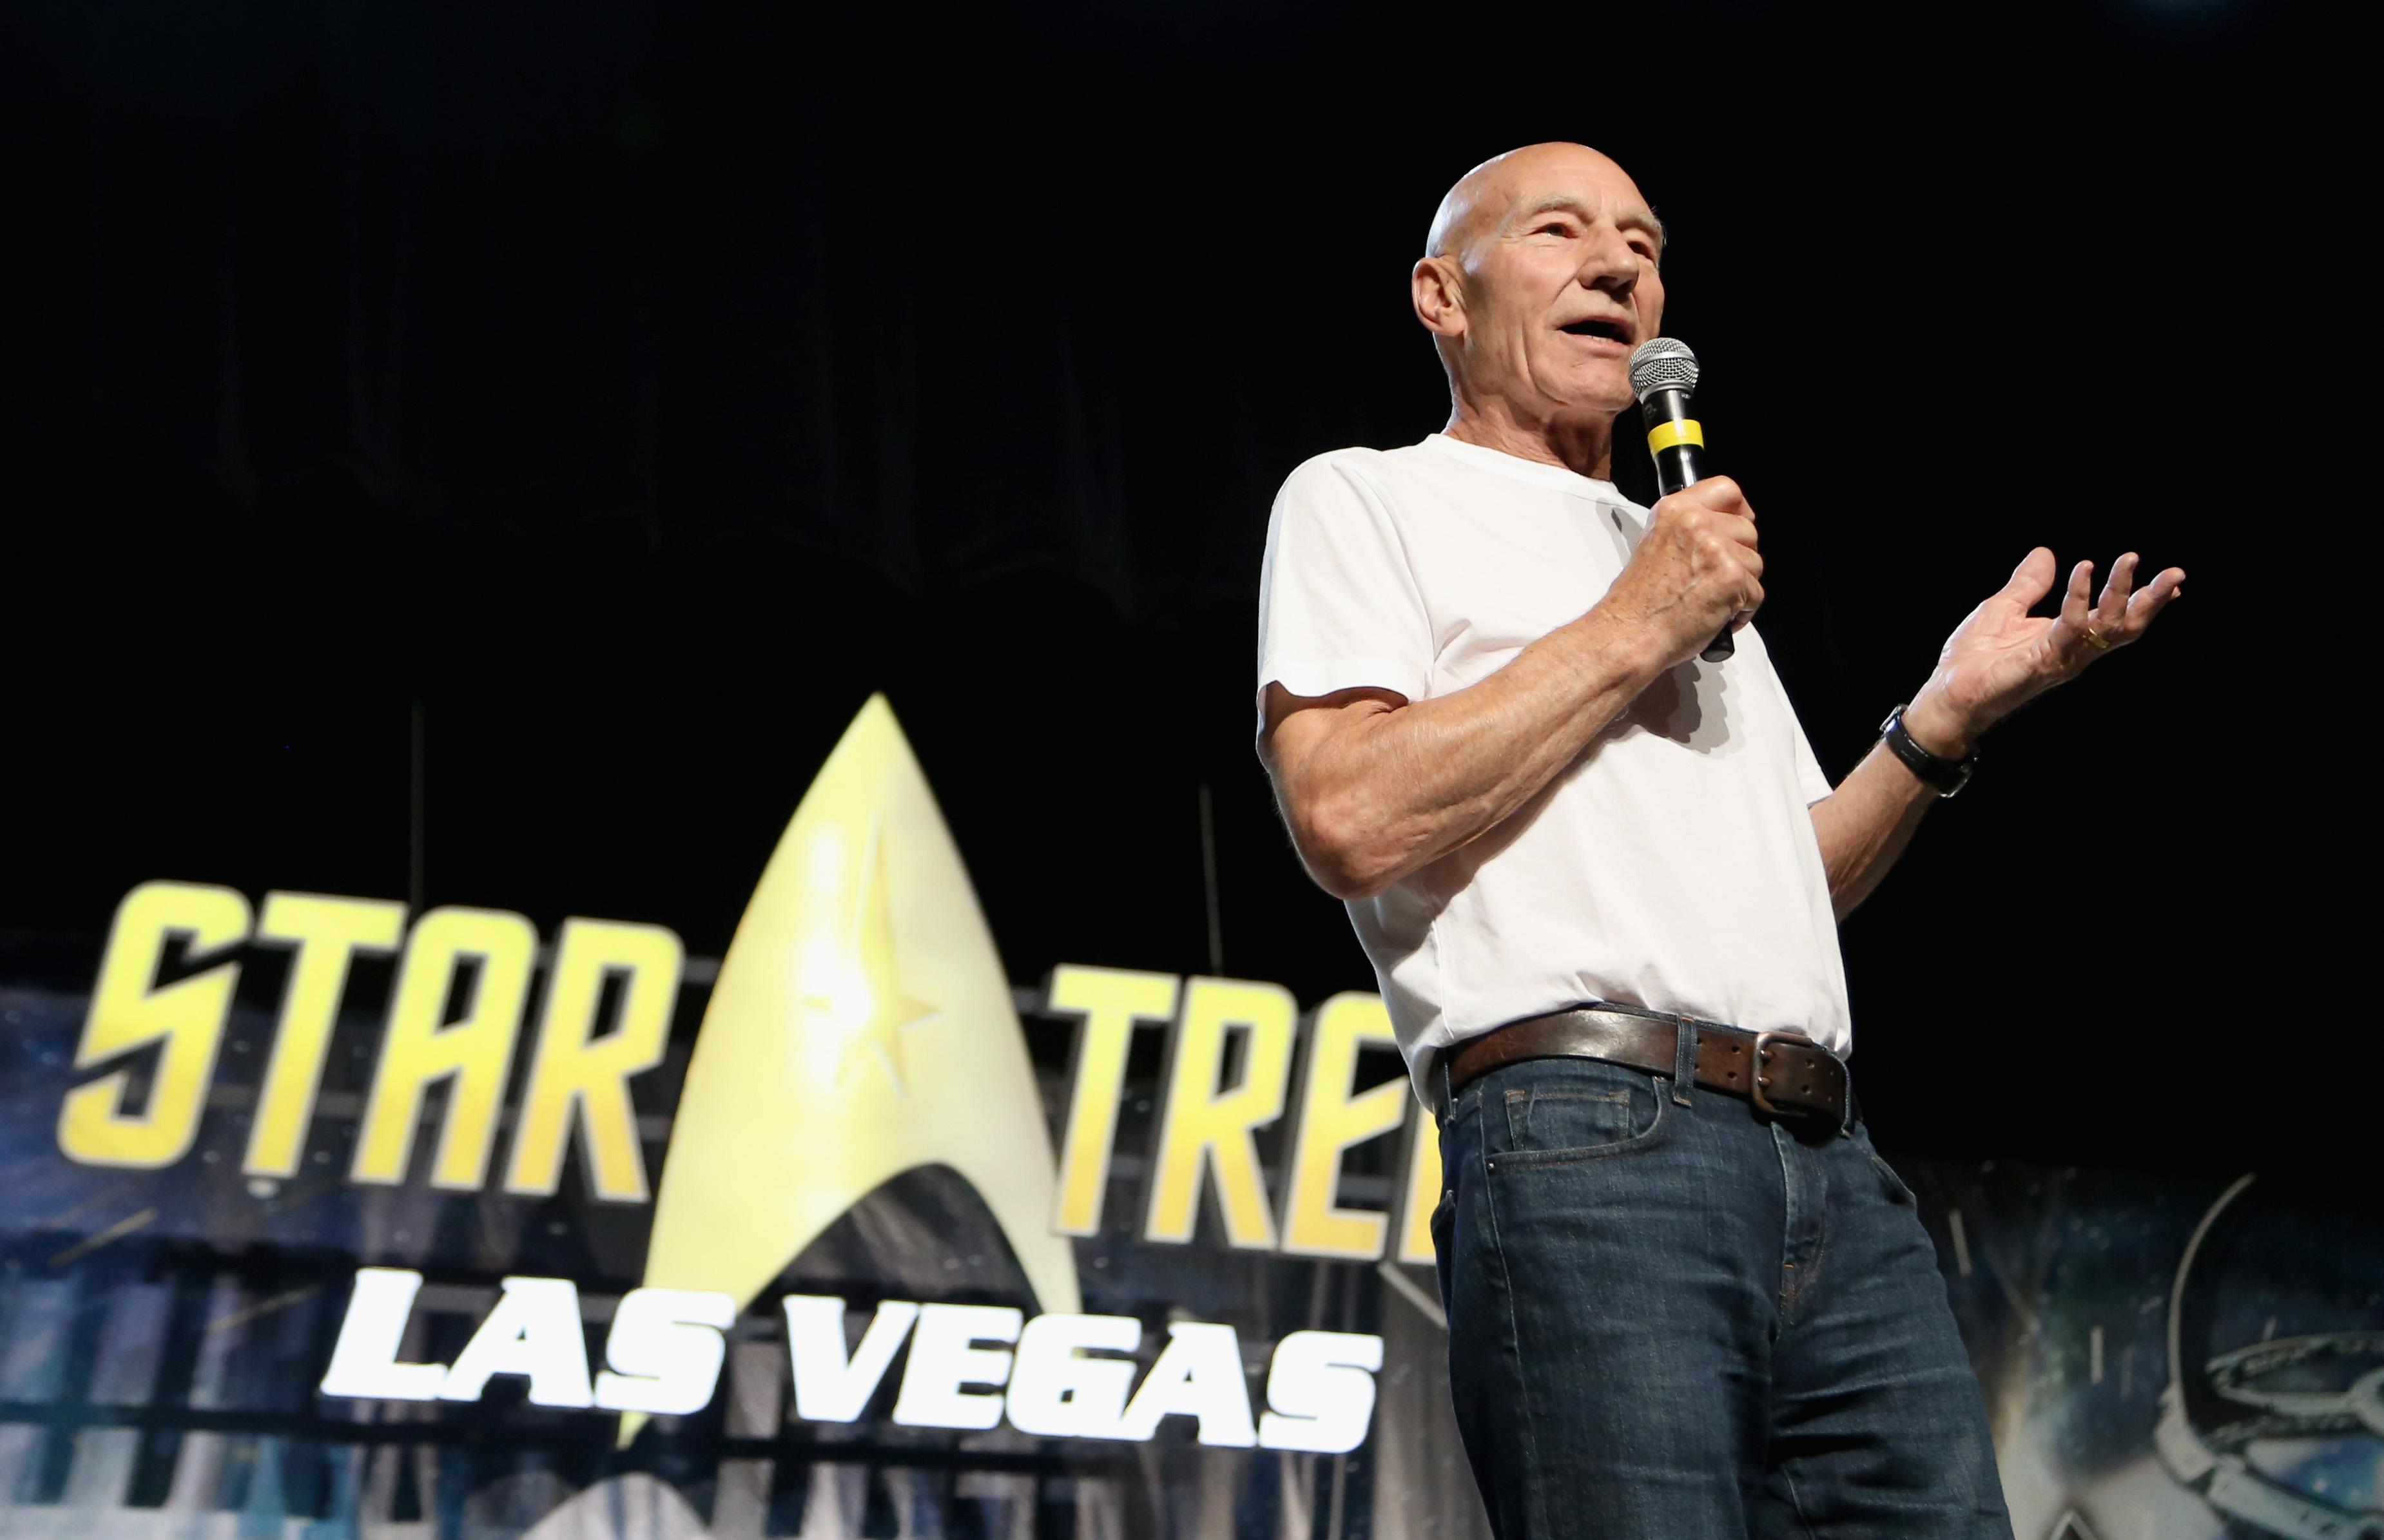 Patrick Stewart Unveils 'Star Trek: Picard' Trailer, Reveals 2 Surprise Co-Stars